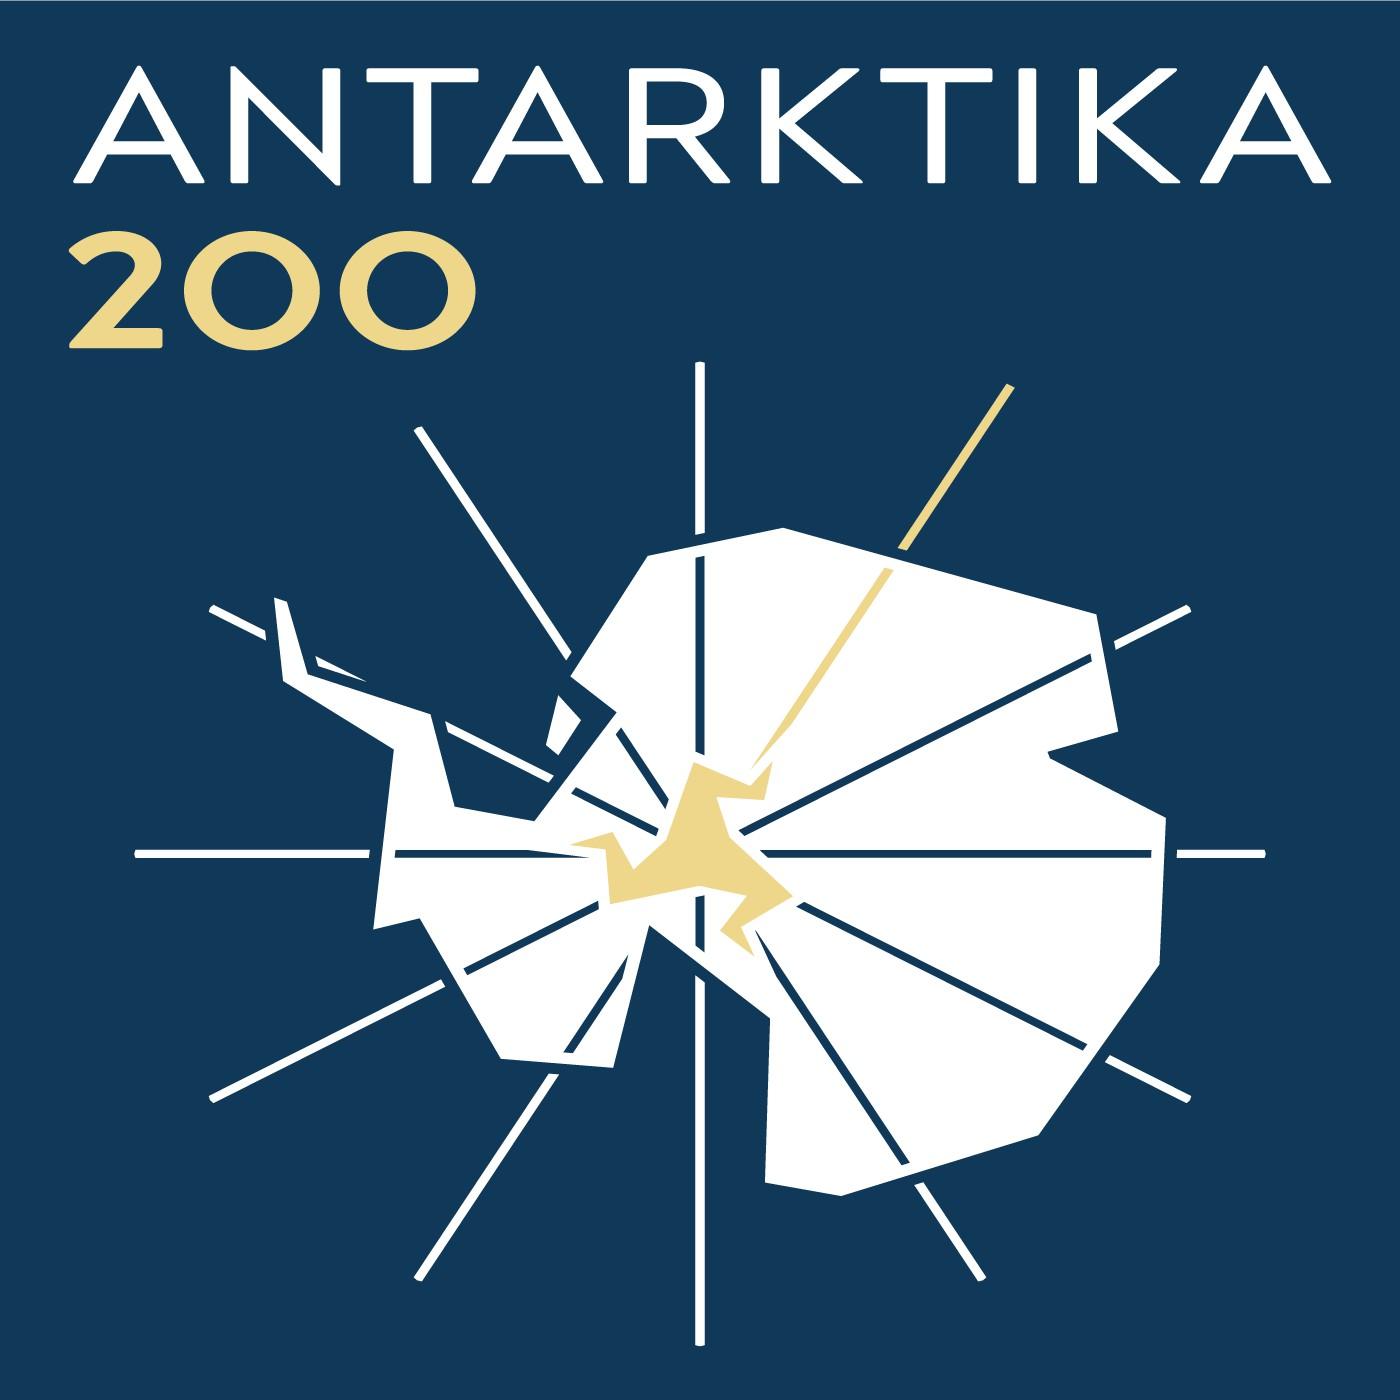 Antarktika 200